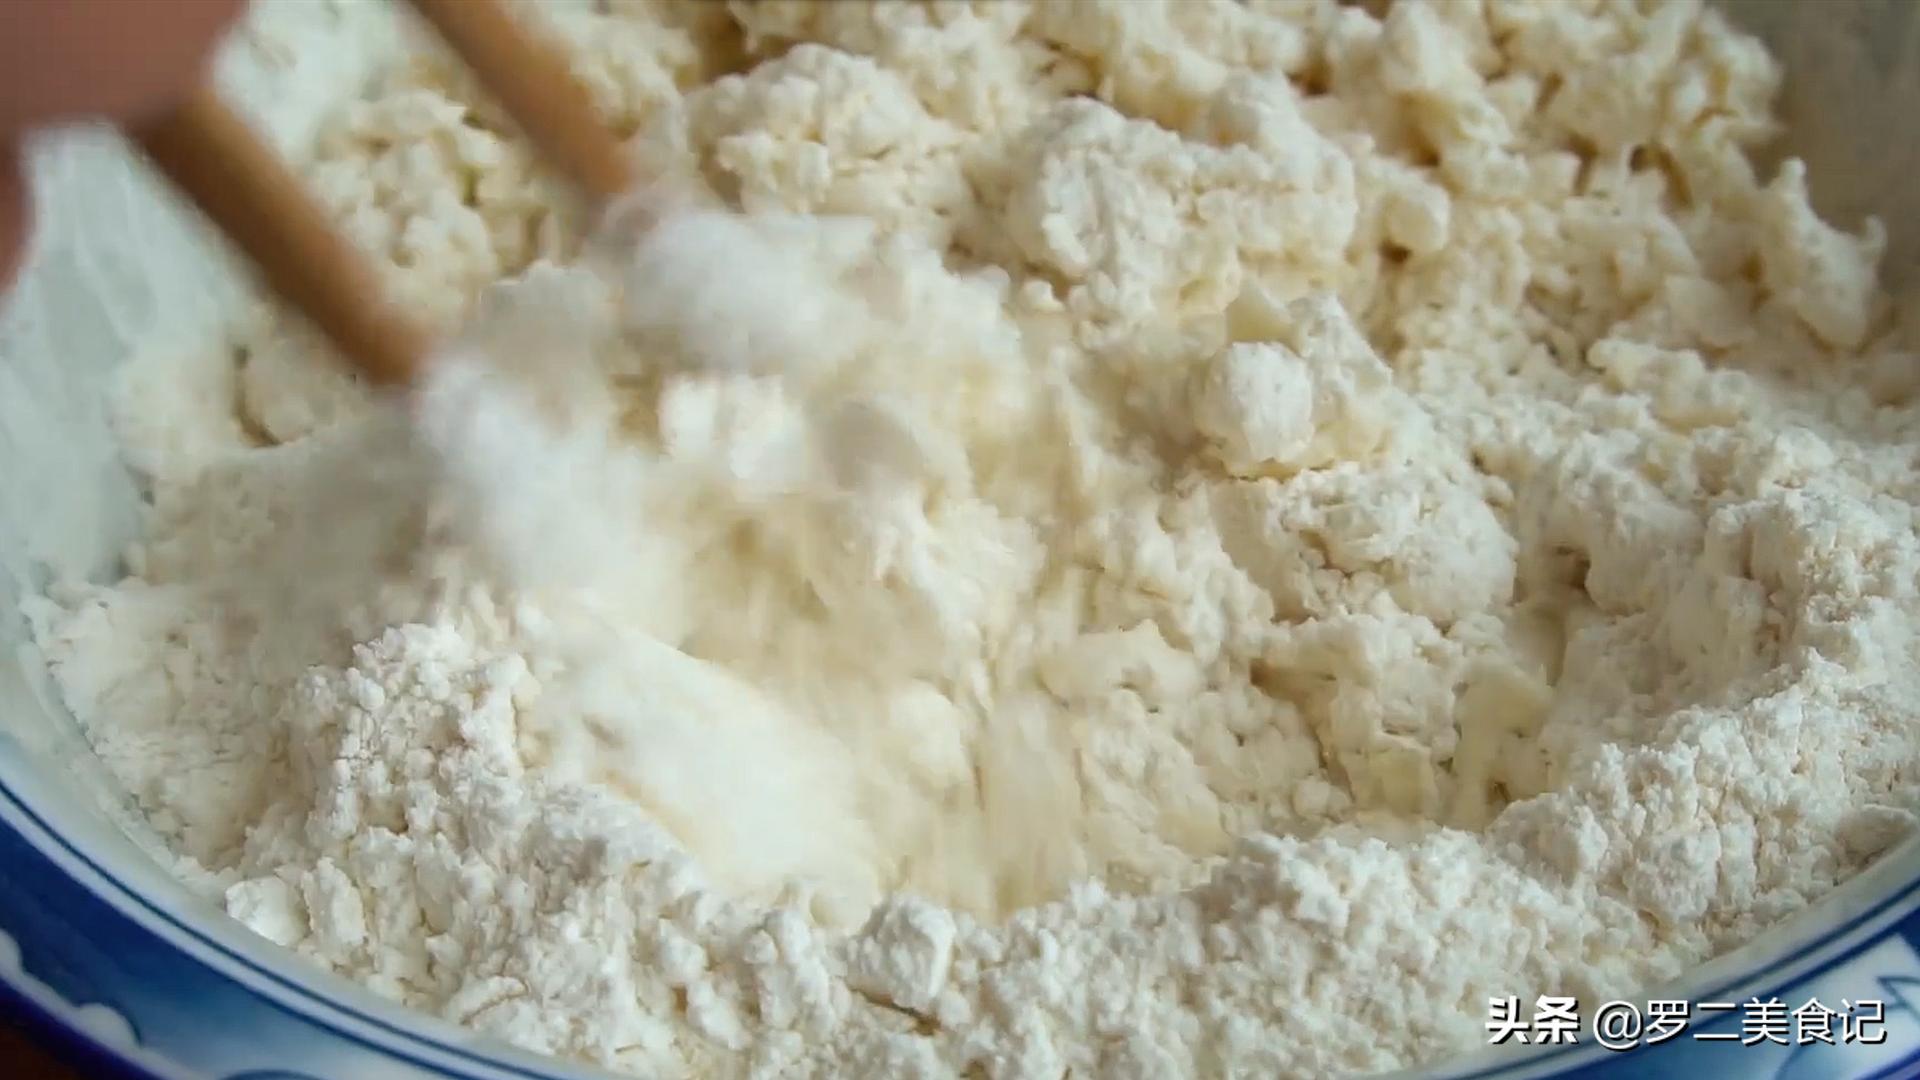 烙饼时,直接烙是大错特错,多加这2步,饼柔软又起层,5分钟出锅 美食做法 第5张